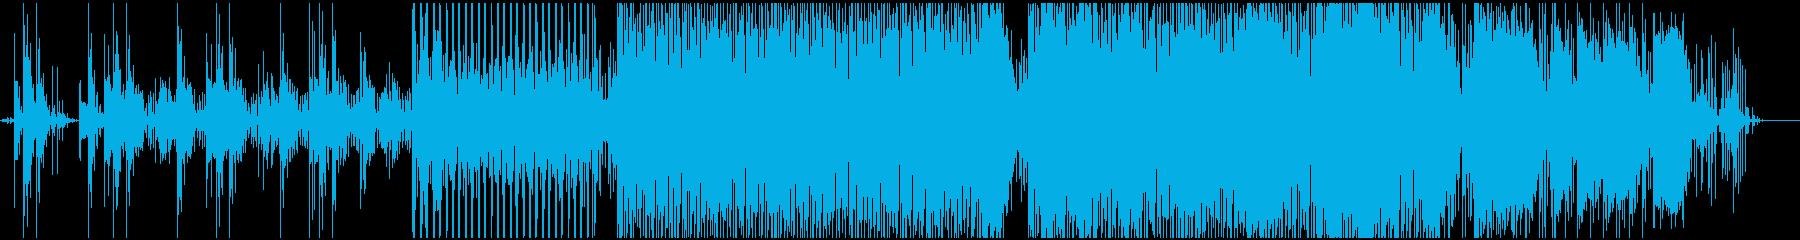 浮遊感のあるシンセサウンドの再生済みの波形